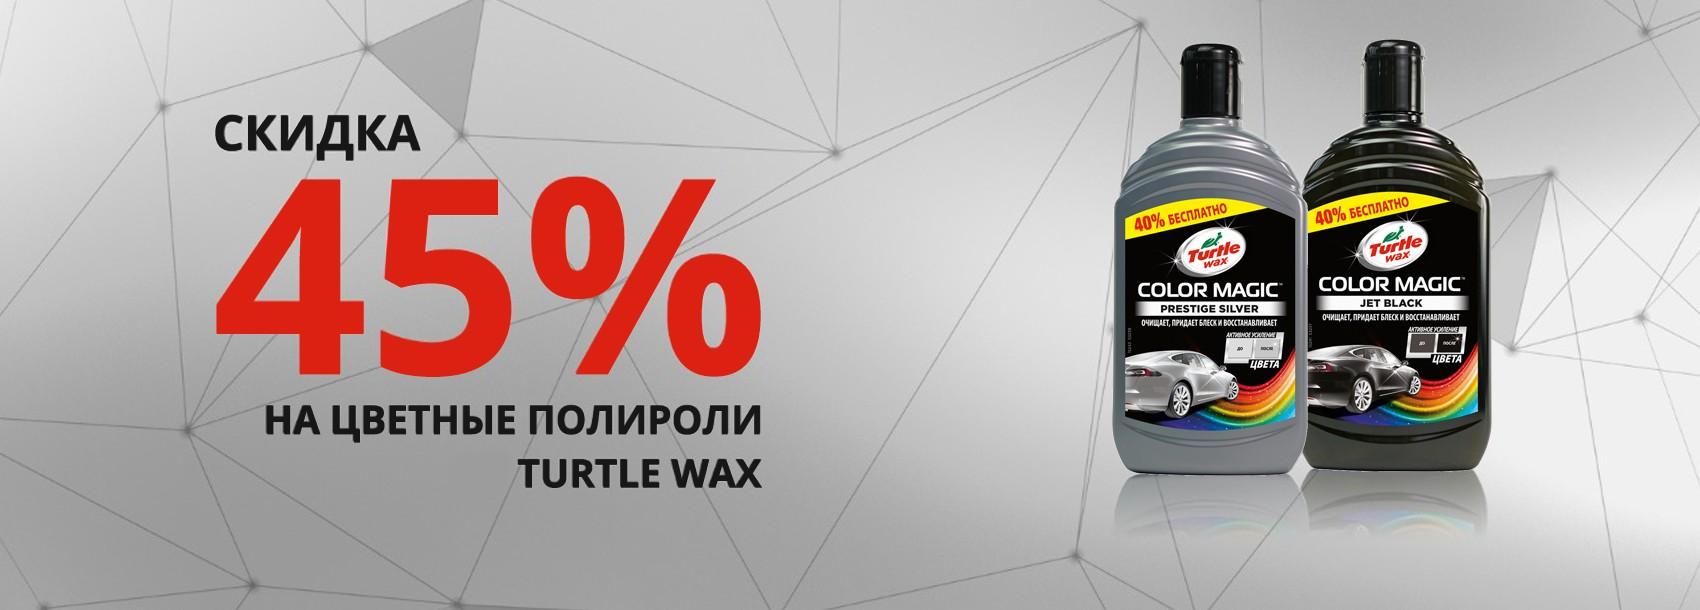 Скидка 45% на цветные полироли Turtle Wax